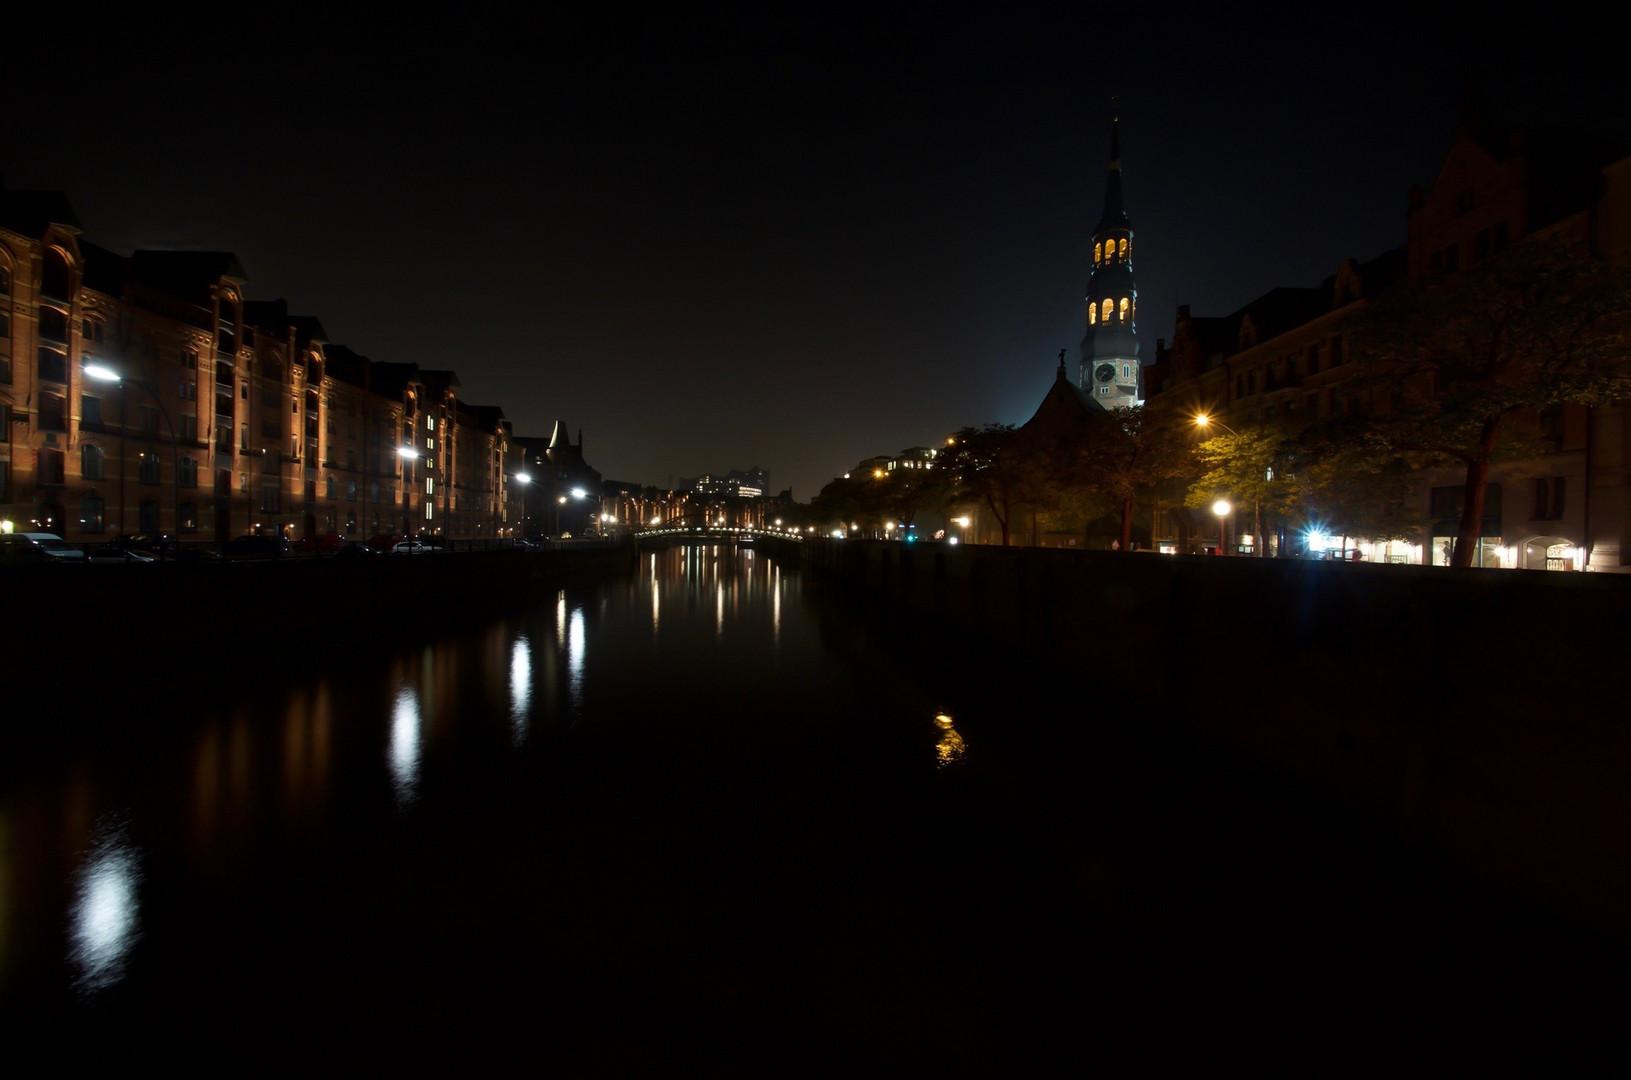 Bei Nacht auf der Brücke